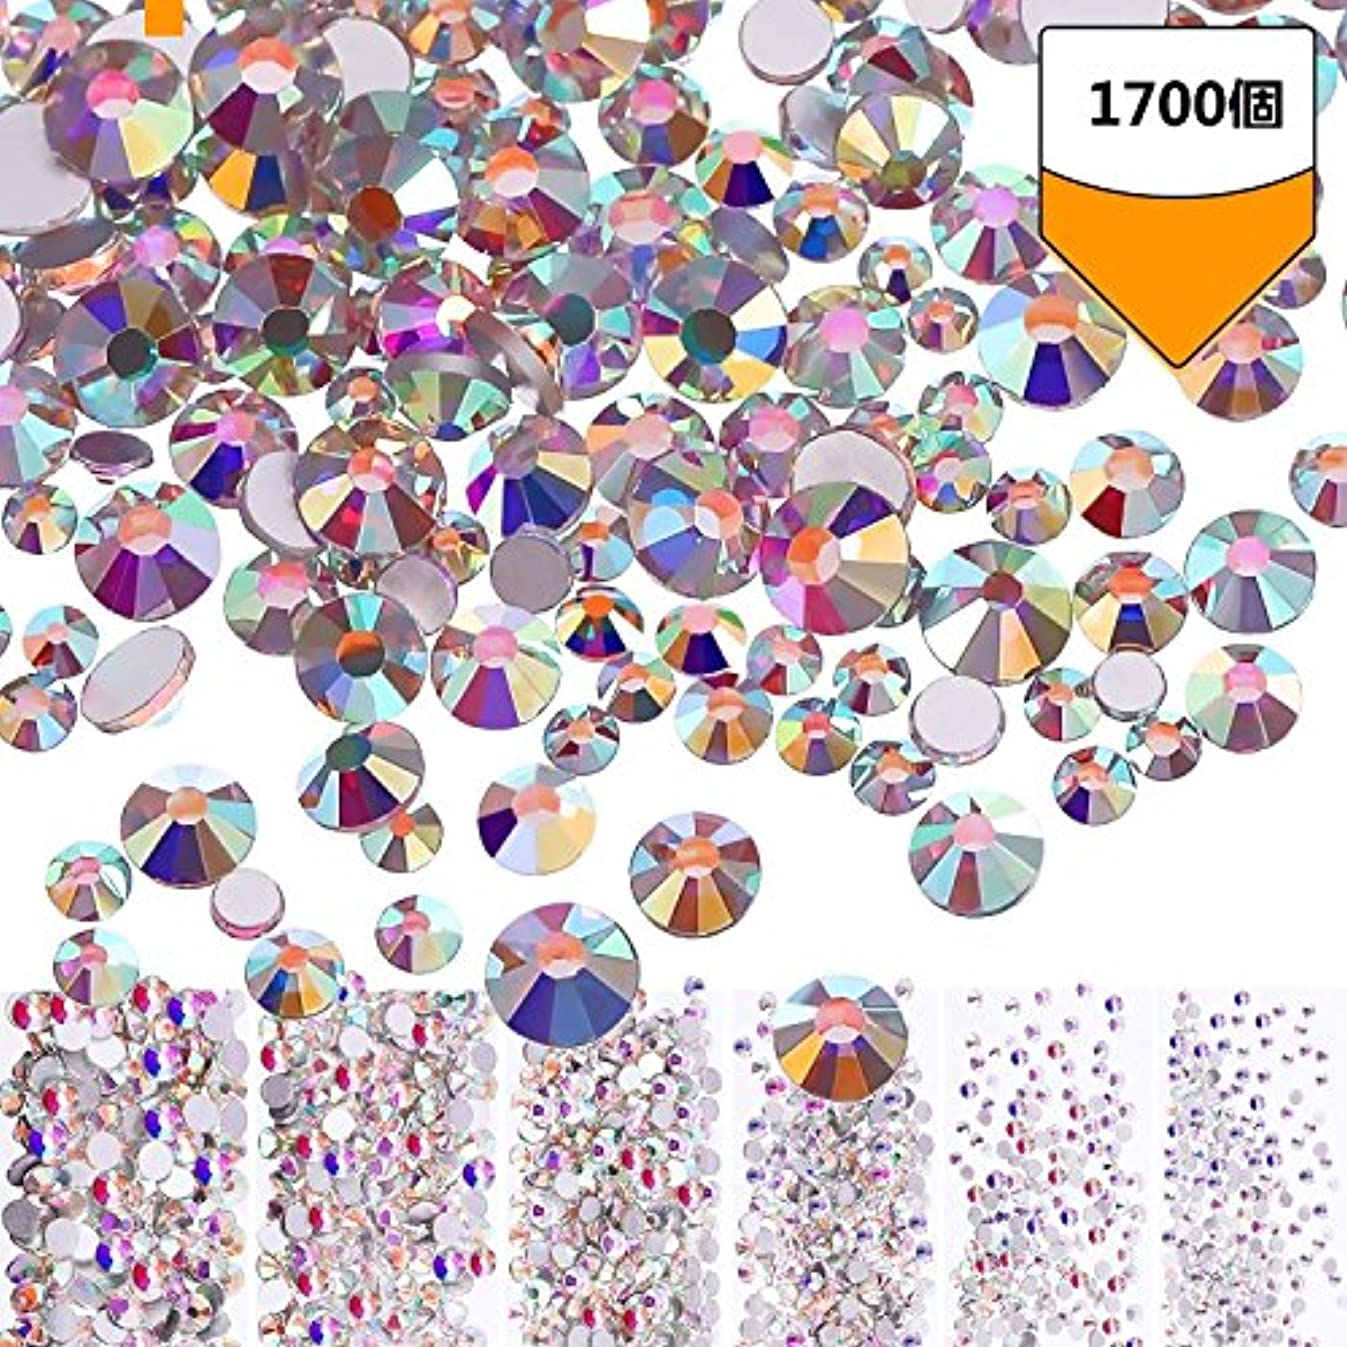 に対処する激しい見出しラインストーン ネイル デコ ガラスストーン クリスタル 改良 高品質ガラス製ラインストーン(1.6mm-3mm 約1700粒)